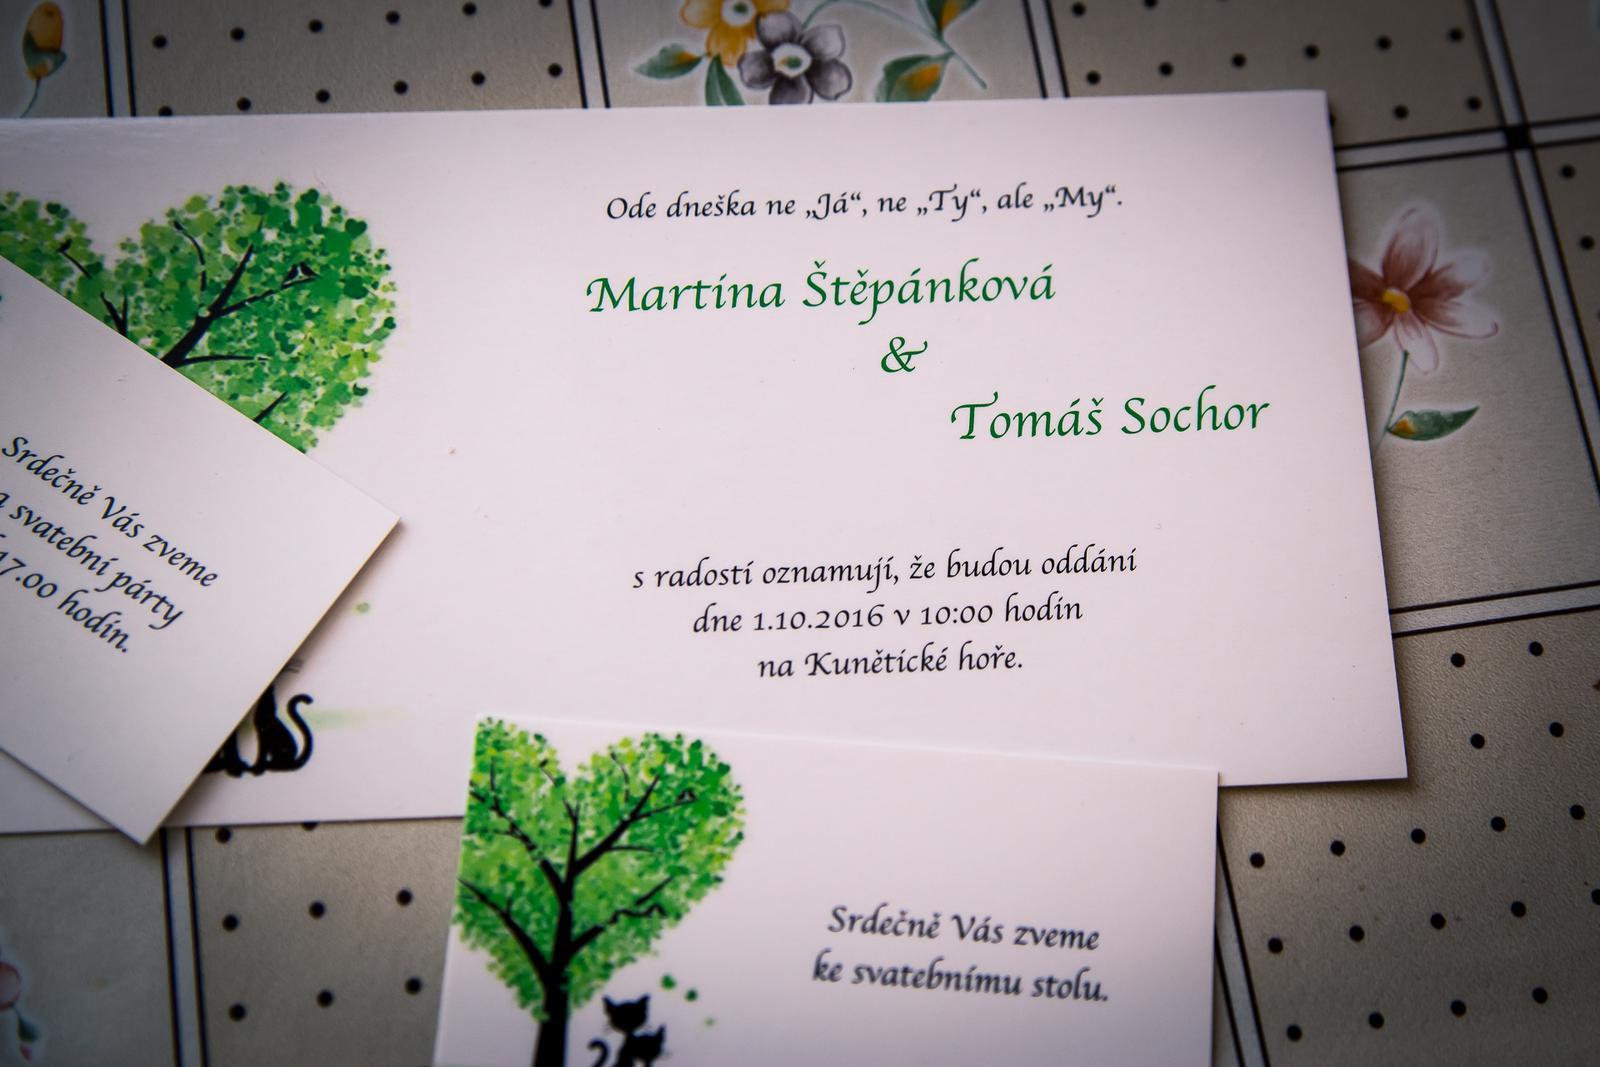 Martina Štěpánková{{_AND_}}Tomáš Sochor - Obrázek č. 2